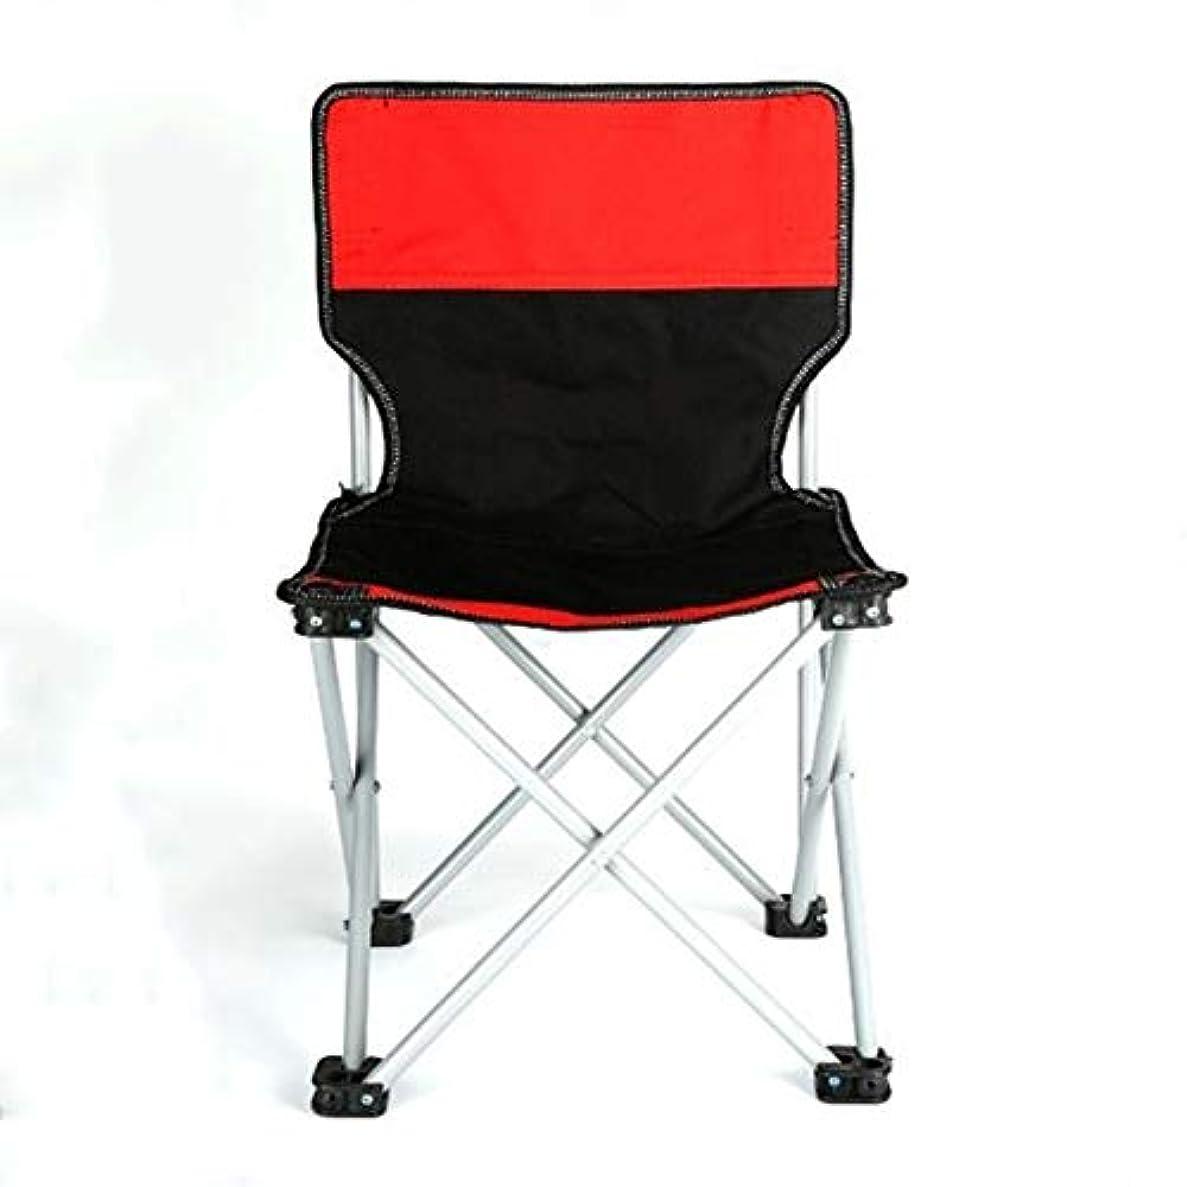 抵当コンパニオン早熟屋外ポータブル折りたたみ椅子釣り椅子ビーチチェアテーブル釣り椅子釣りスツール絵画スツールスケッチチェアマザール小さなスツール